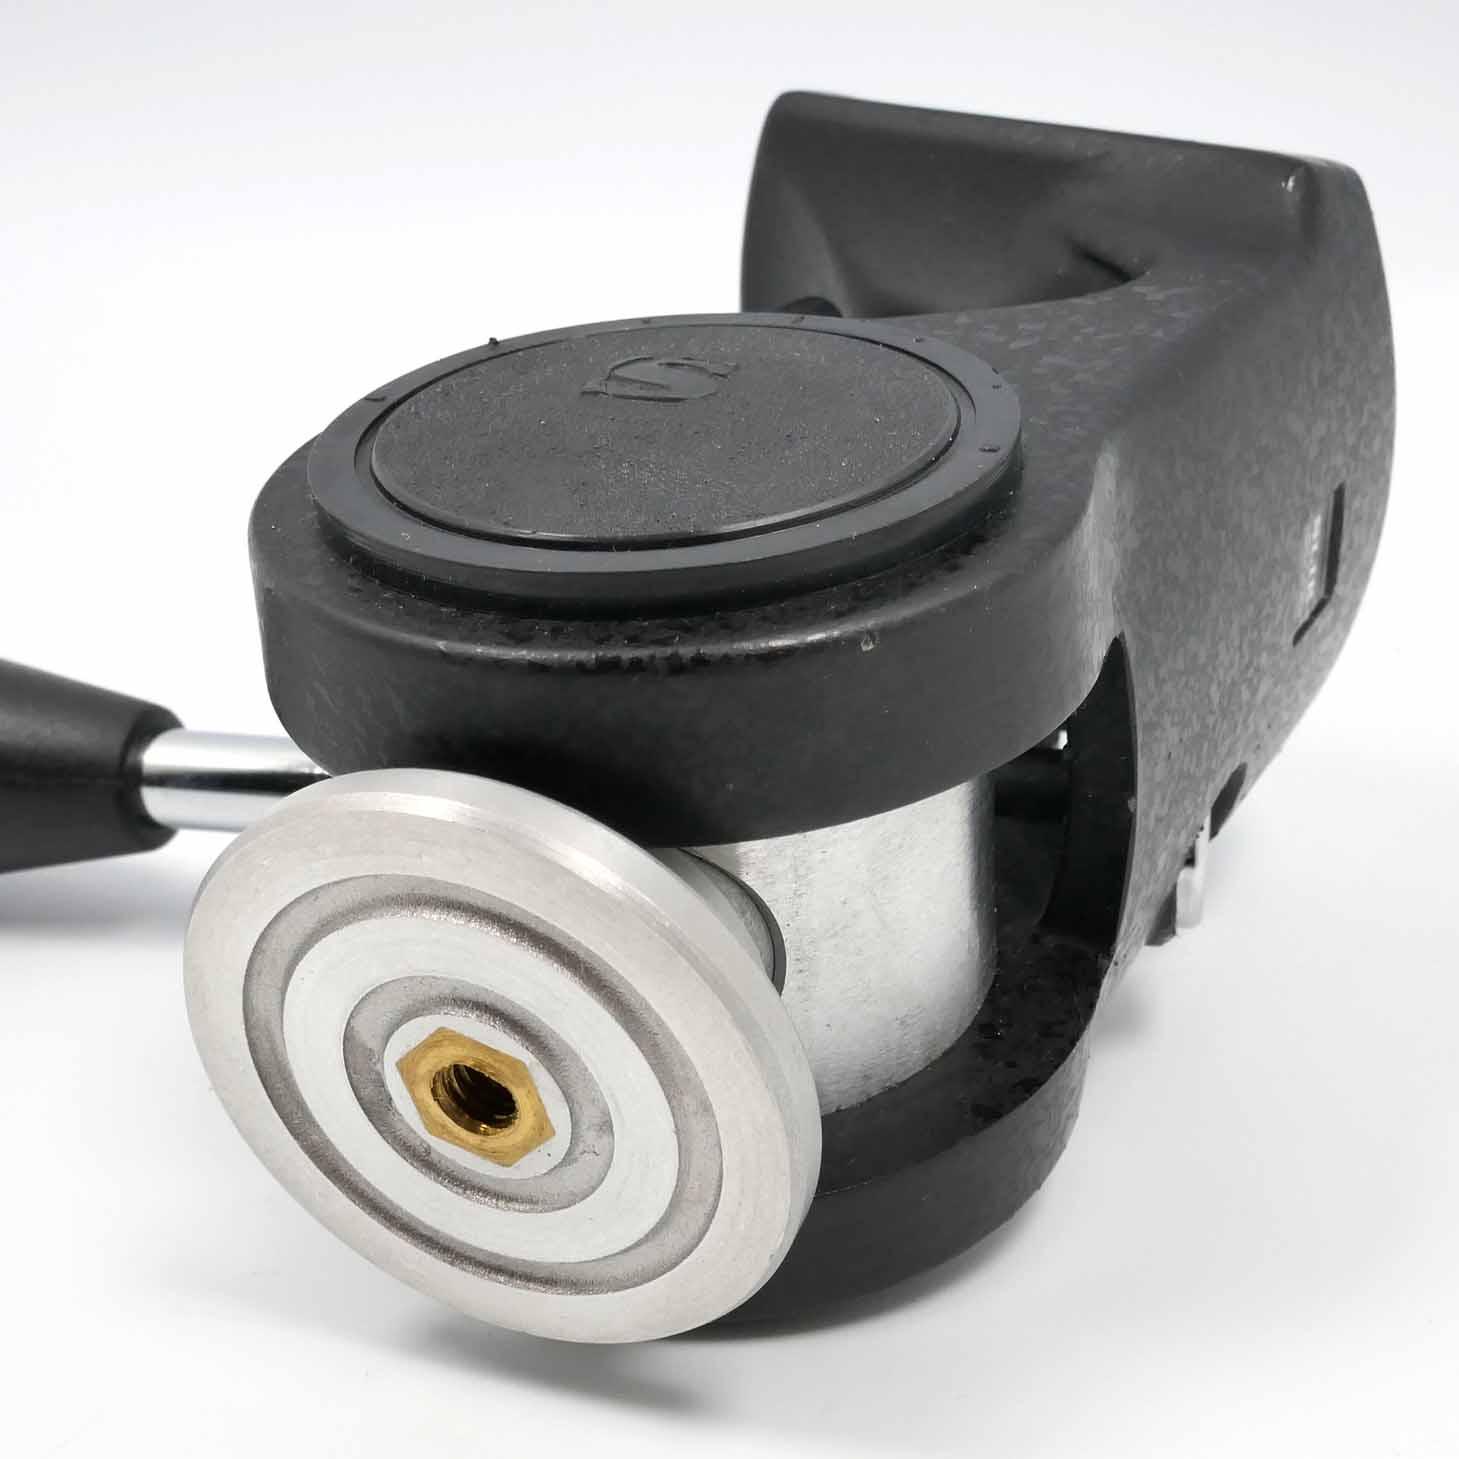 clean-cameras-Slik-2036-Stativkopf-01